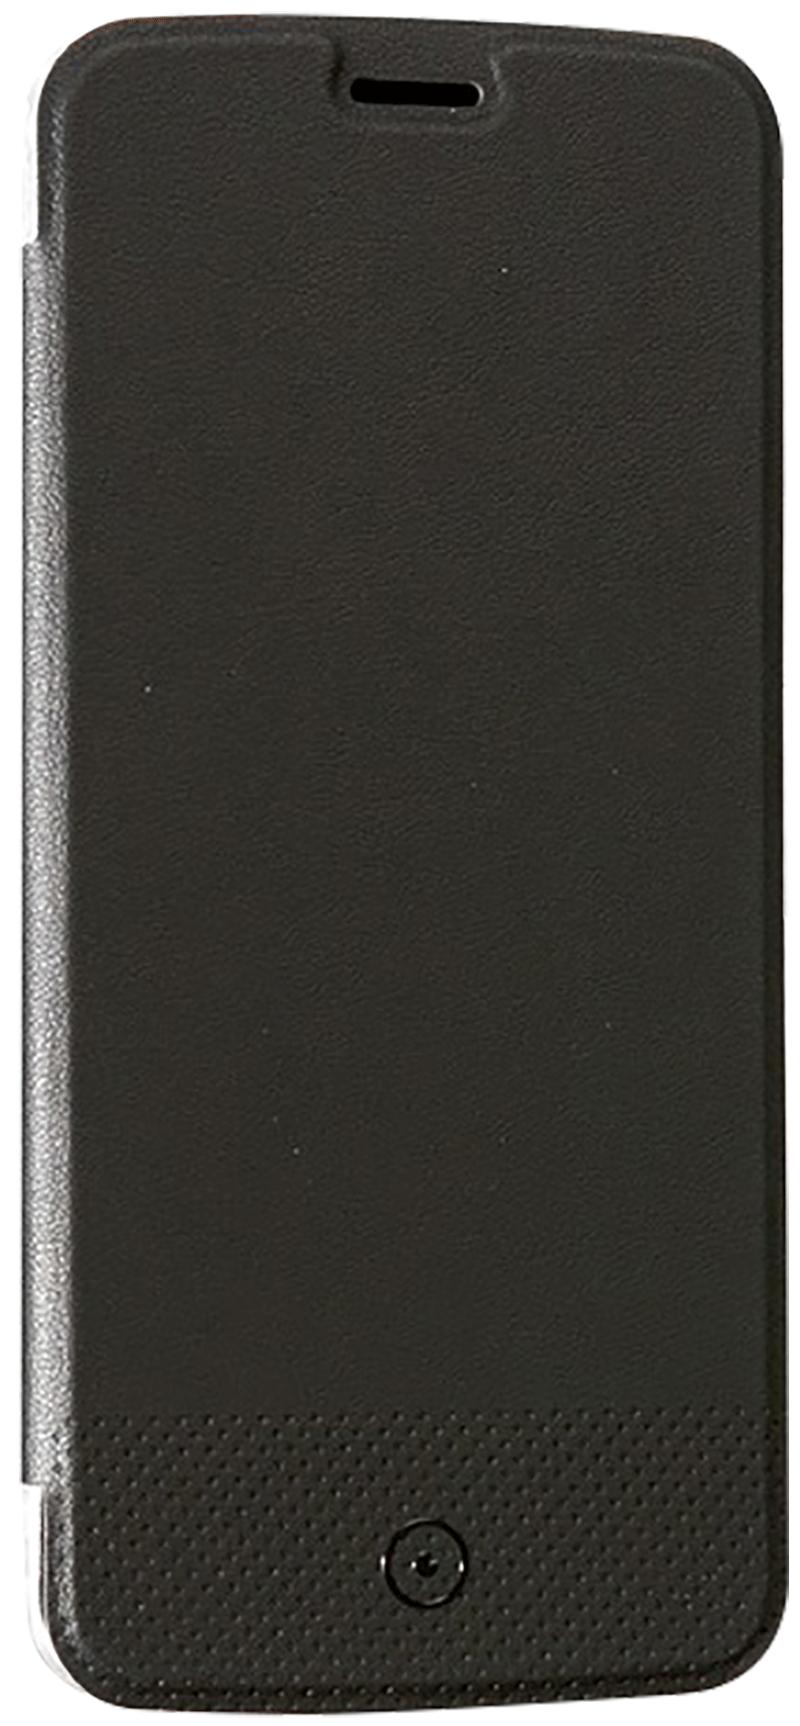 Etui folio moto e5 noir